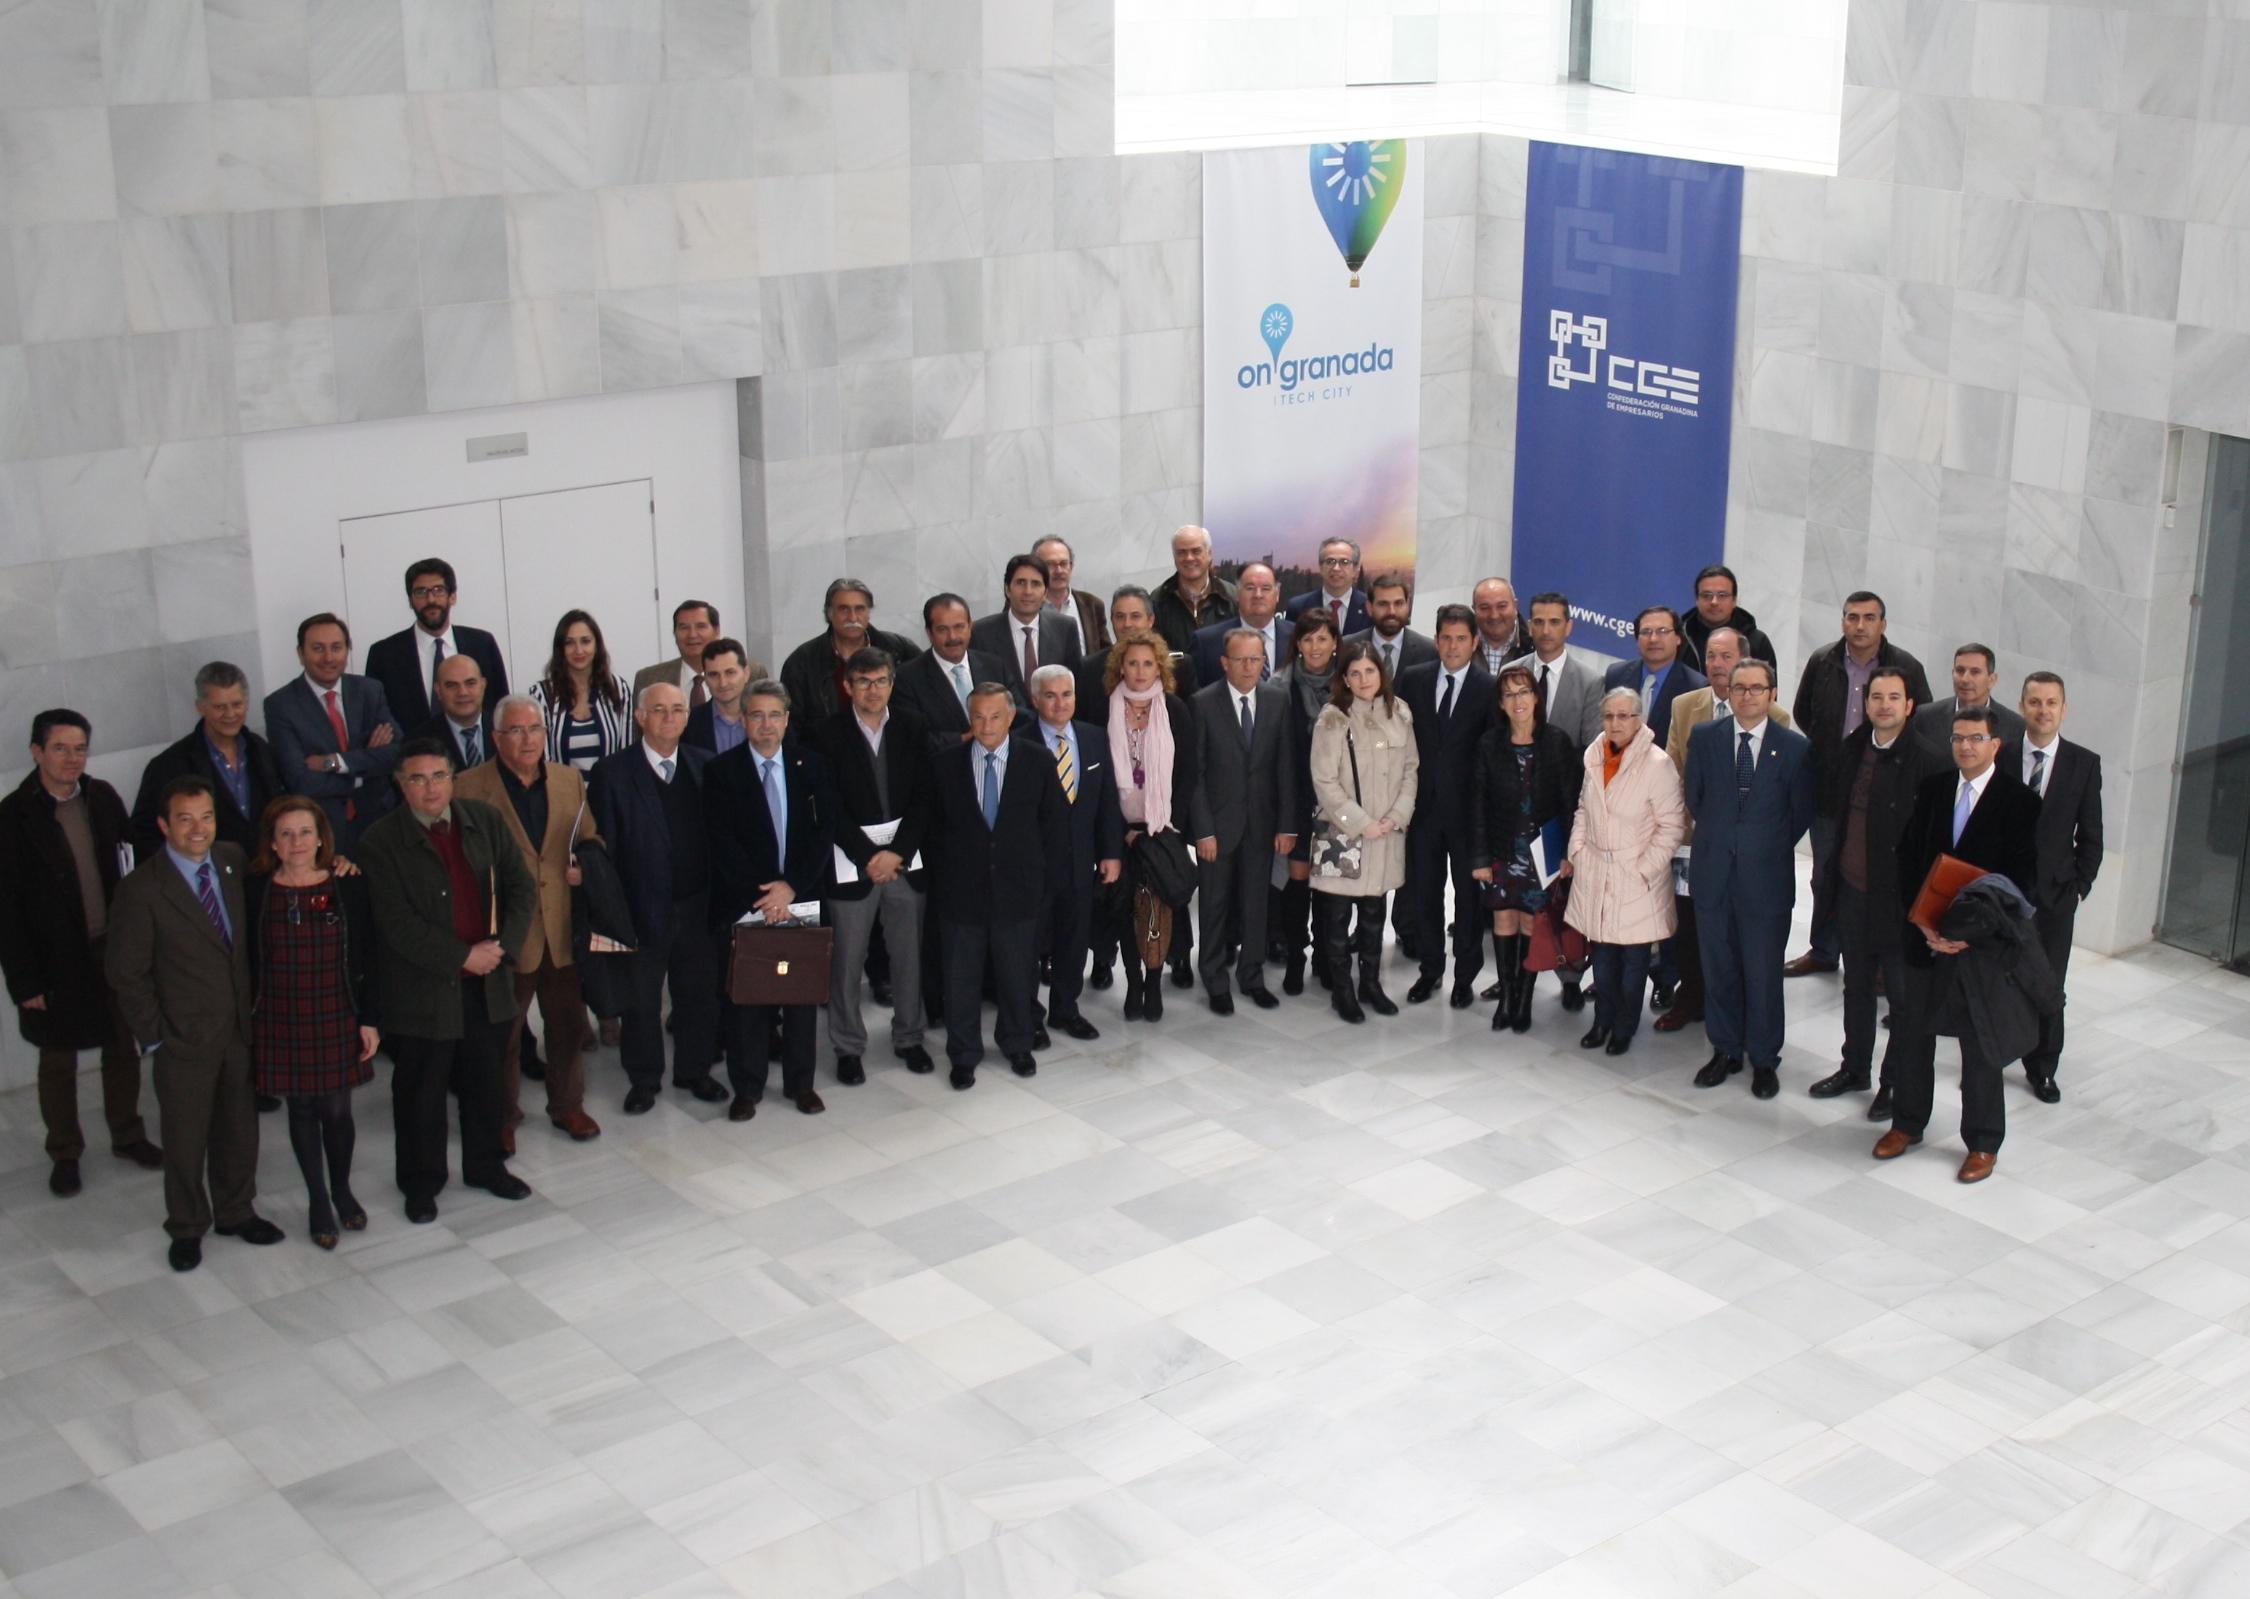 La CGE aboga por un 'gobierno estable' en Andalucía que 'apoye a las empresas para crear empleo'